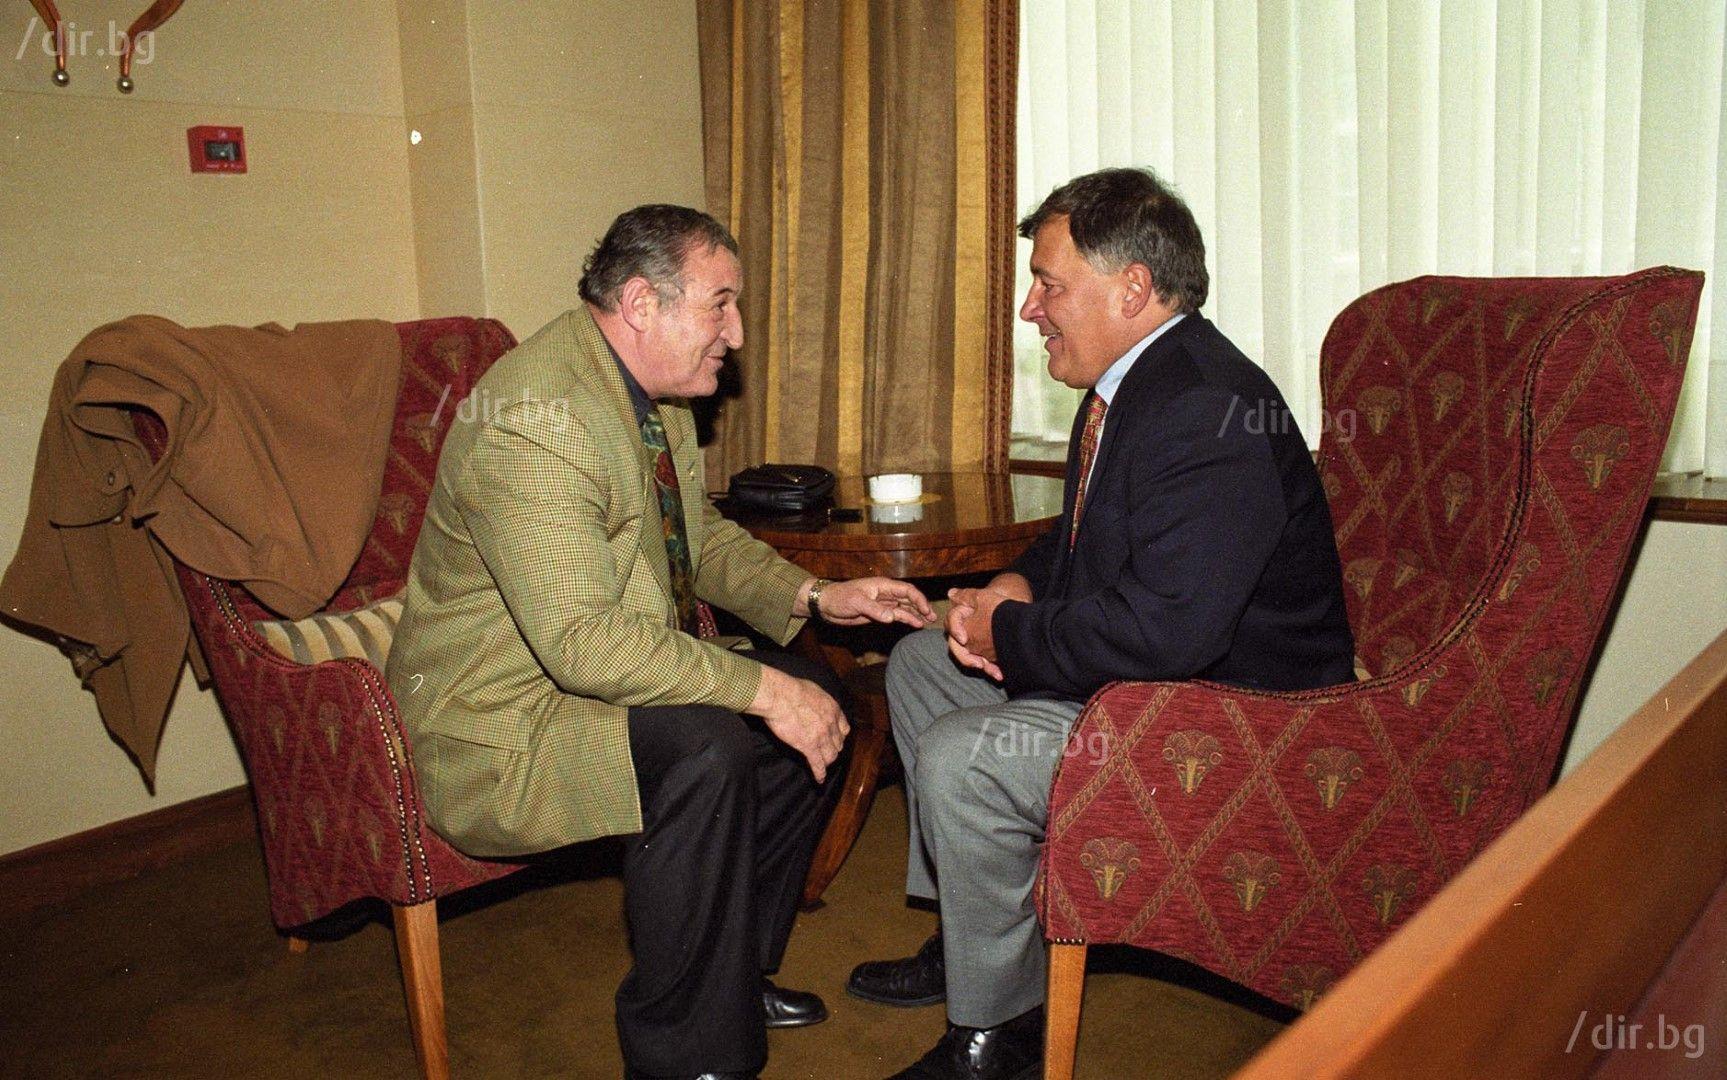 С Димитър Пенев, голям приятел и съратник. Снимка: ИВАН ГРИГОРОВ